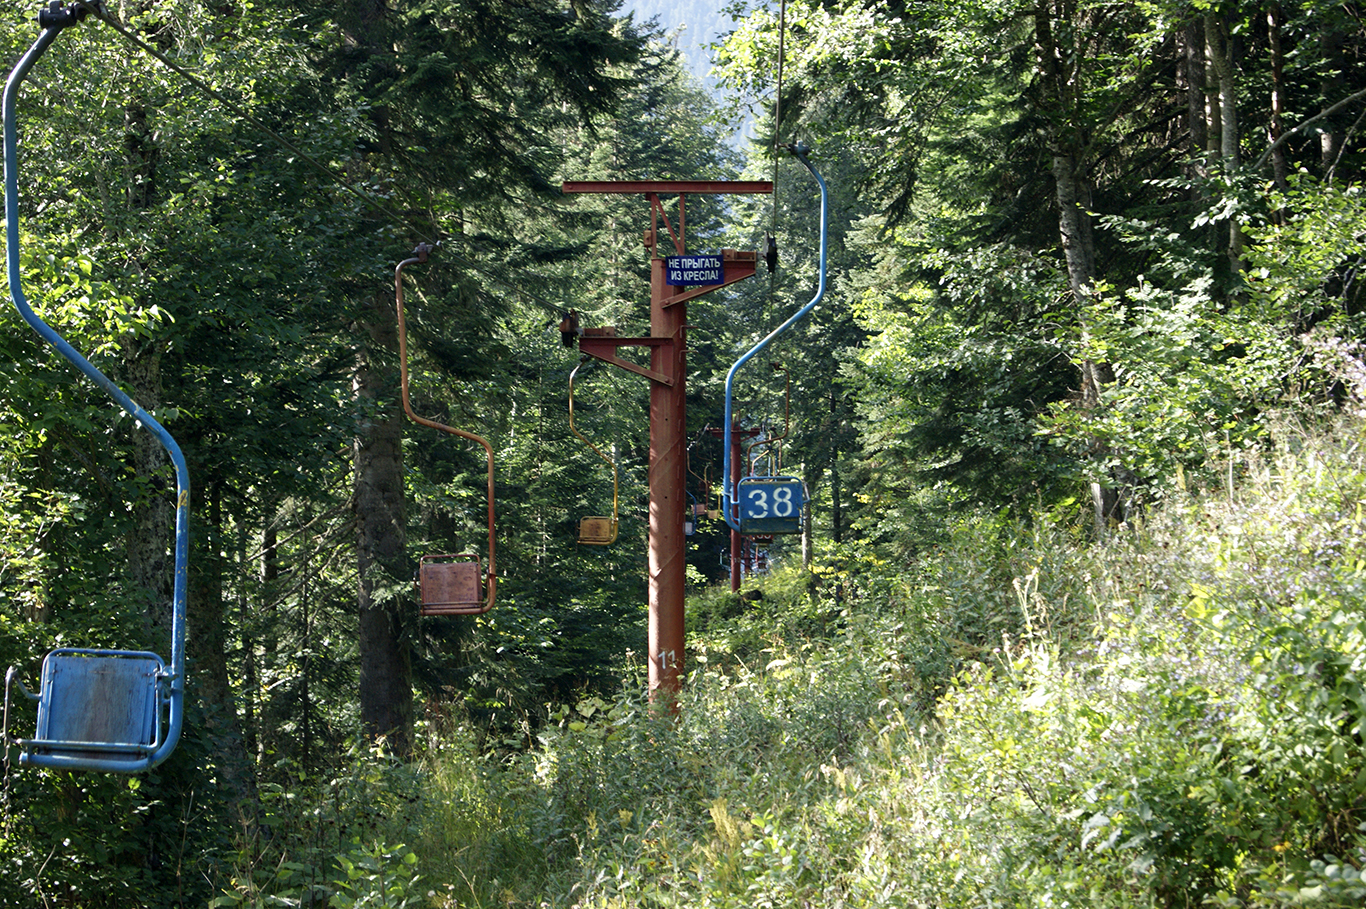 Напоследок - оптимистичное предупреждение. А что - мы едем на высоте метров пять над склоном. Неужели находились умники?